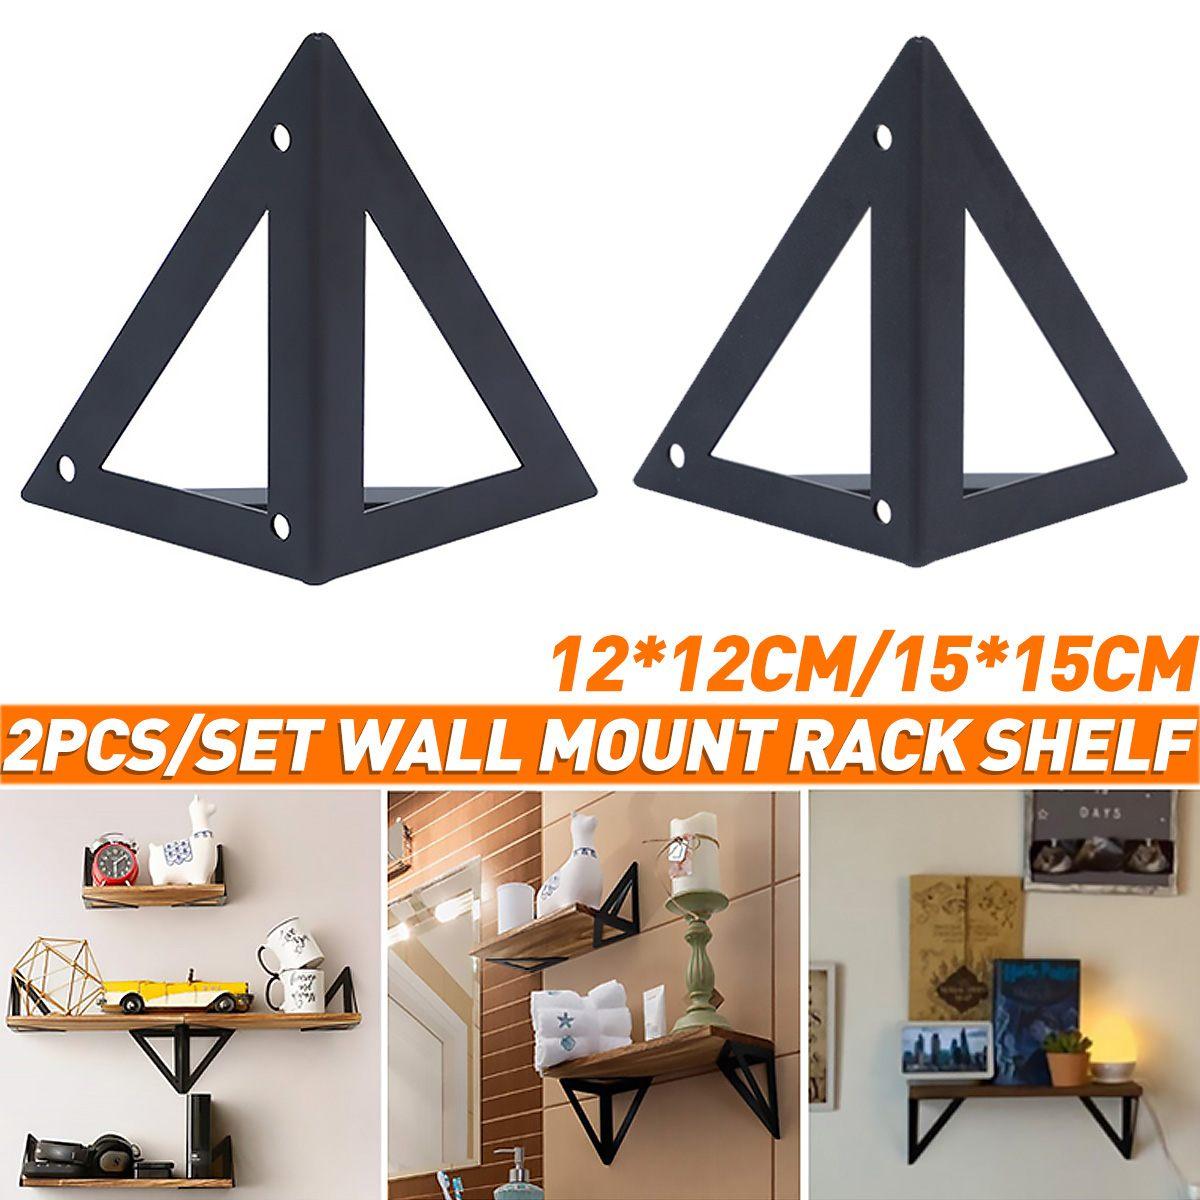 2 قطعة ريترو الأسود مثلث الحائط الجرف دعم الحديد العائمة الخشب مجلس دعم رف قوس شماعات مع المسمار ثابت